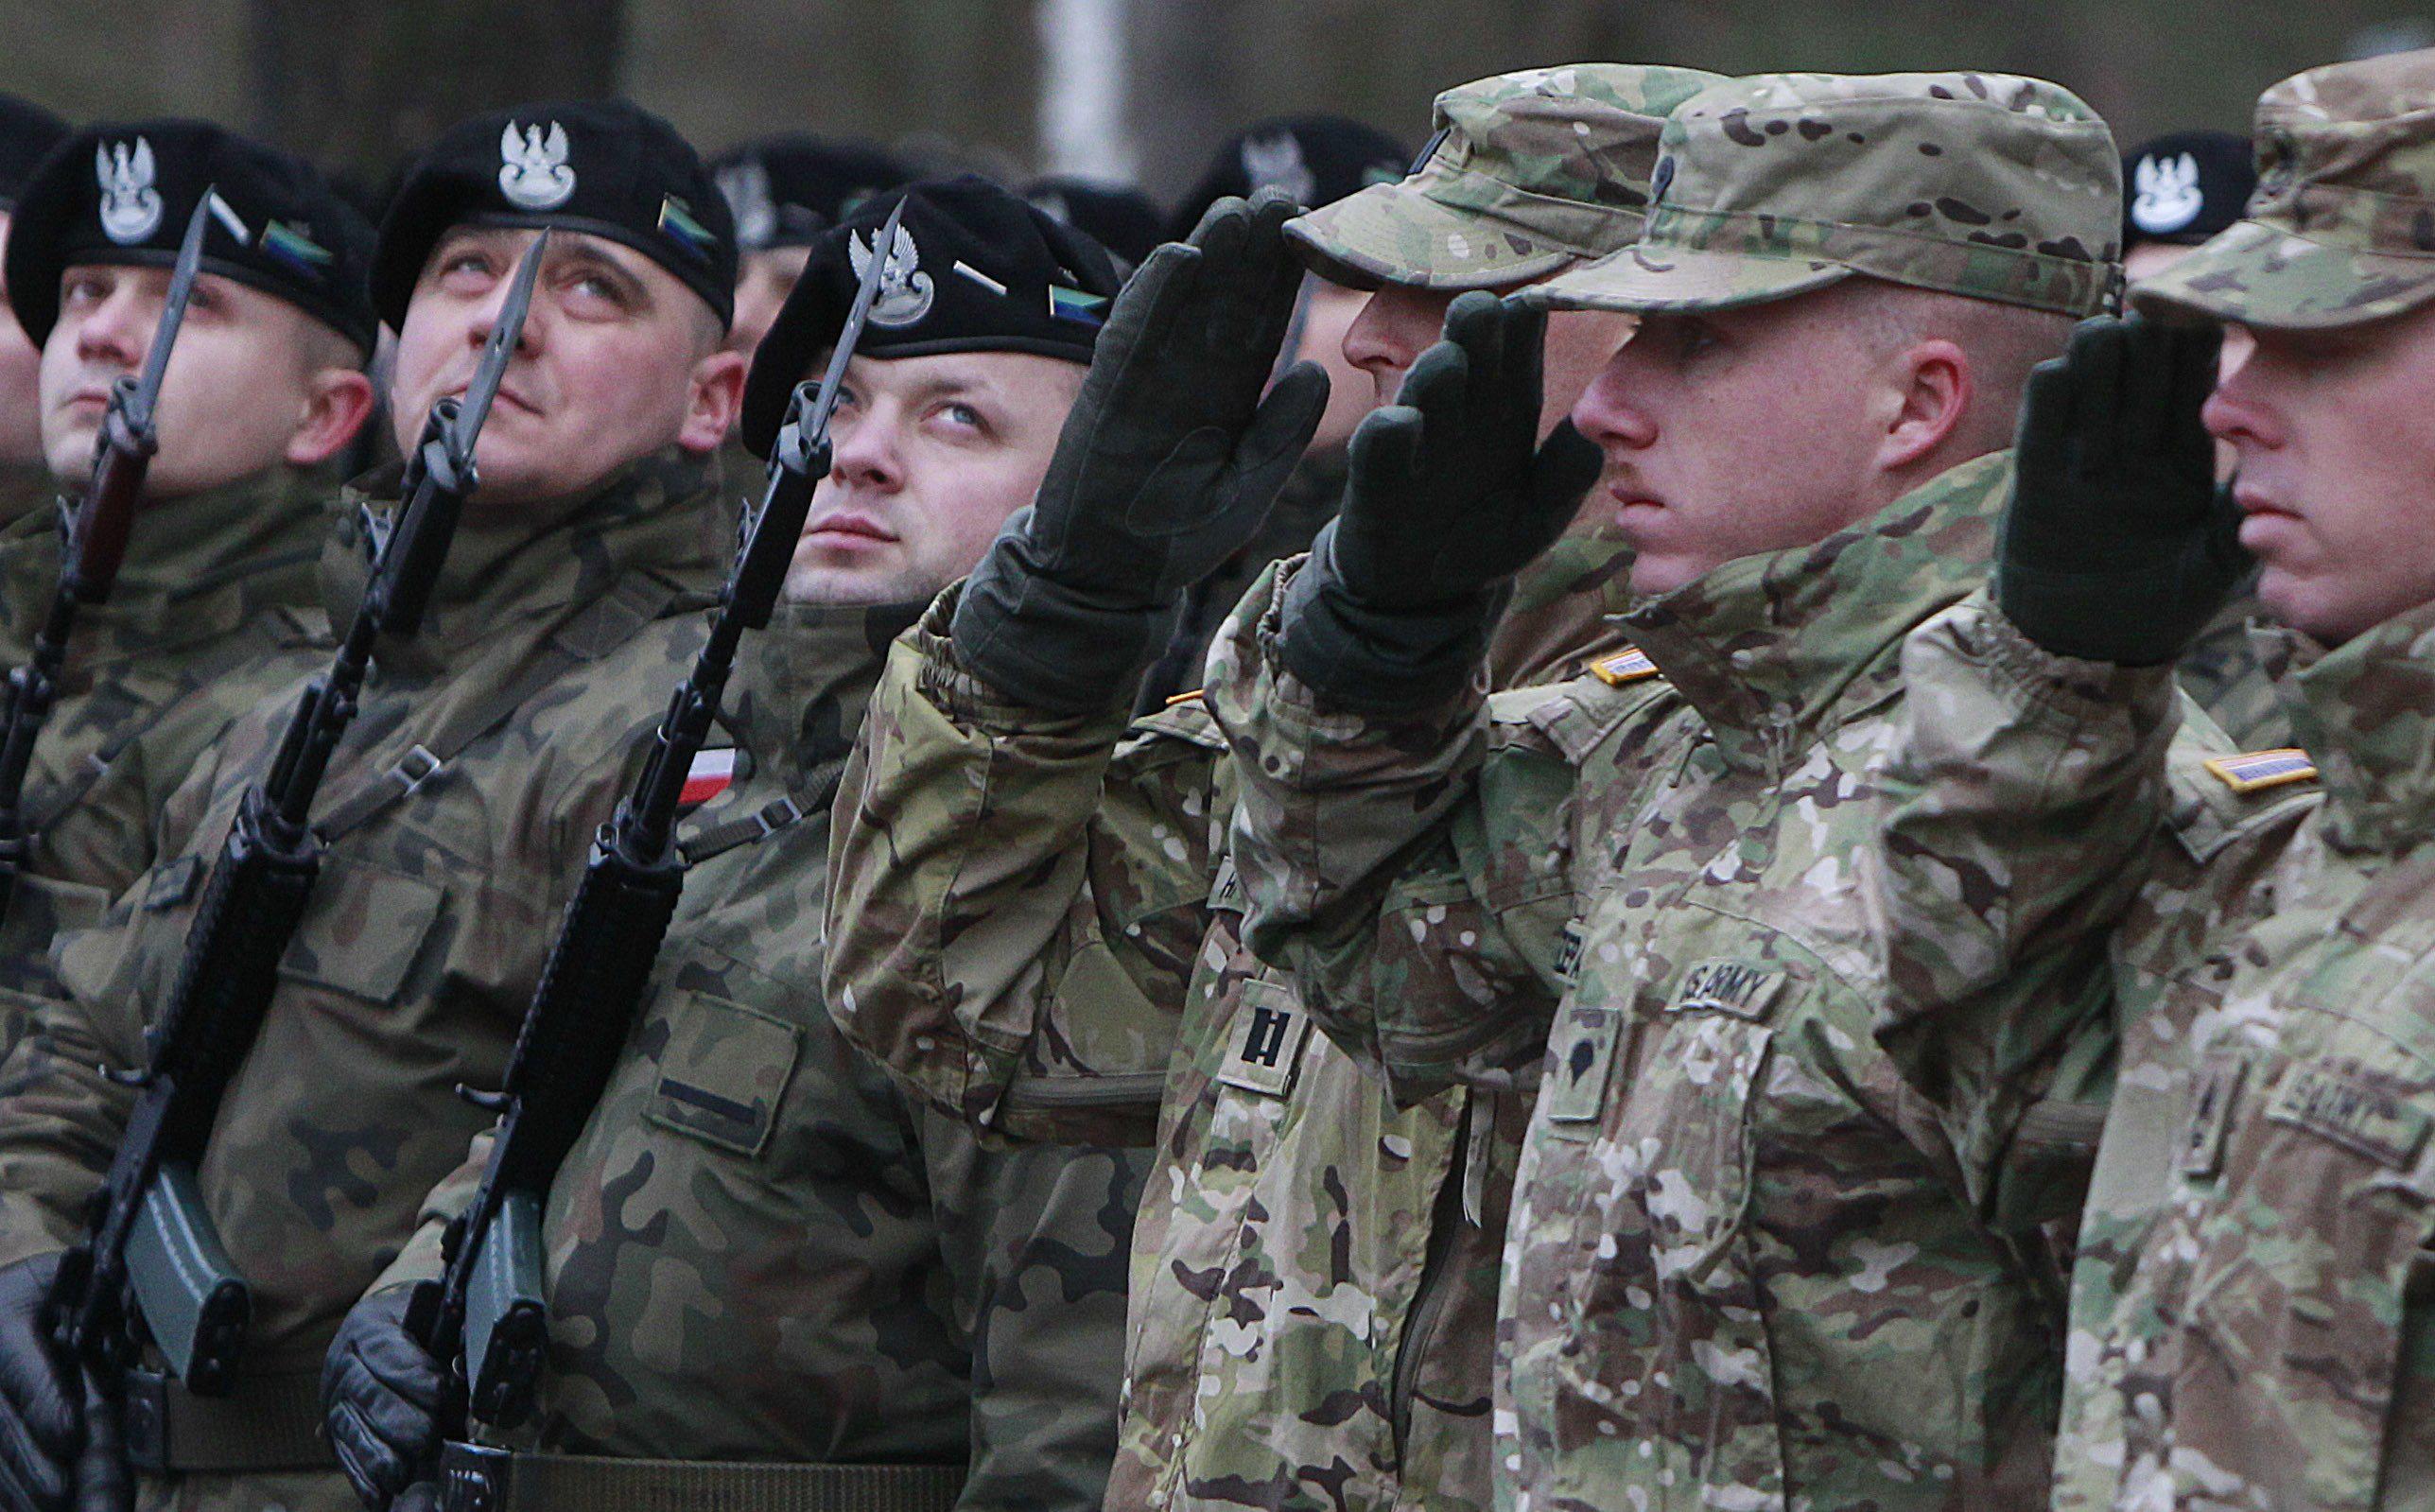 """Thượng nghị sĩ Nga: Ba Lan thành """"bàn đạp"""" chống Nga, không ngạc nhiên nếu bom nguyên tử Mỹ xuất hiện"""